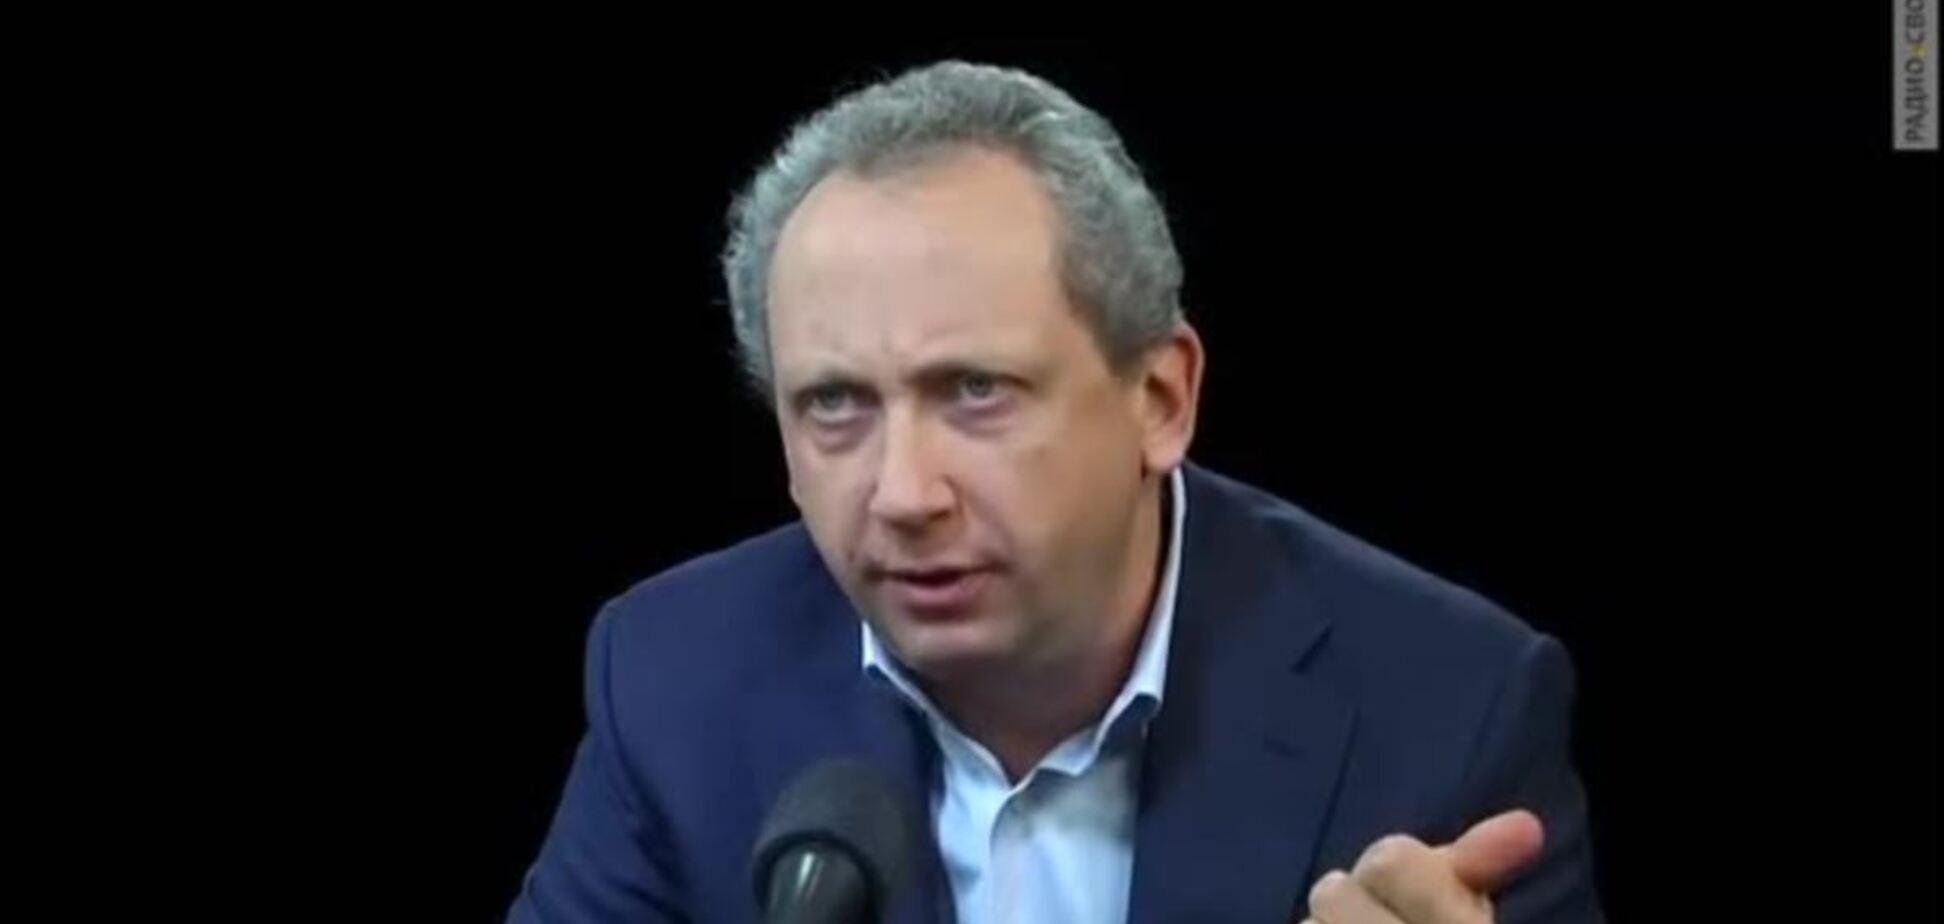 Если бы Путин в день инаугурации поехал по Крымскому мосту… - Слава Рабинович